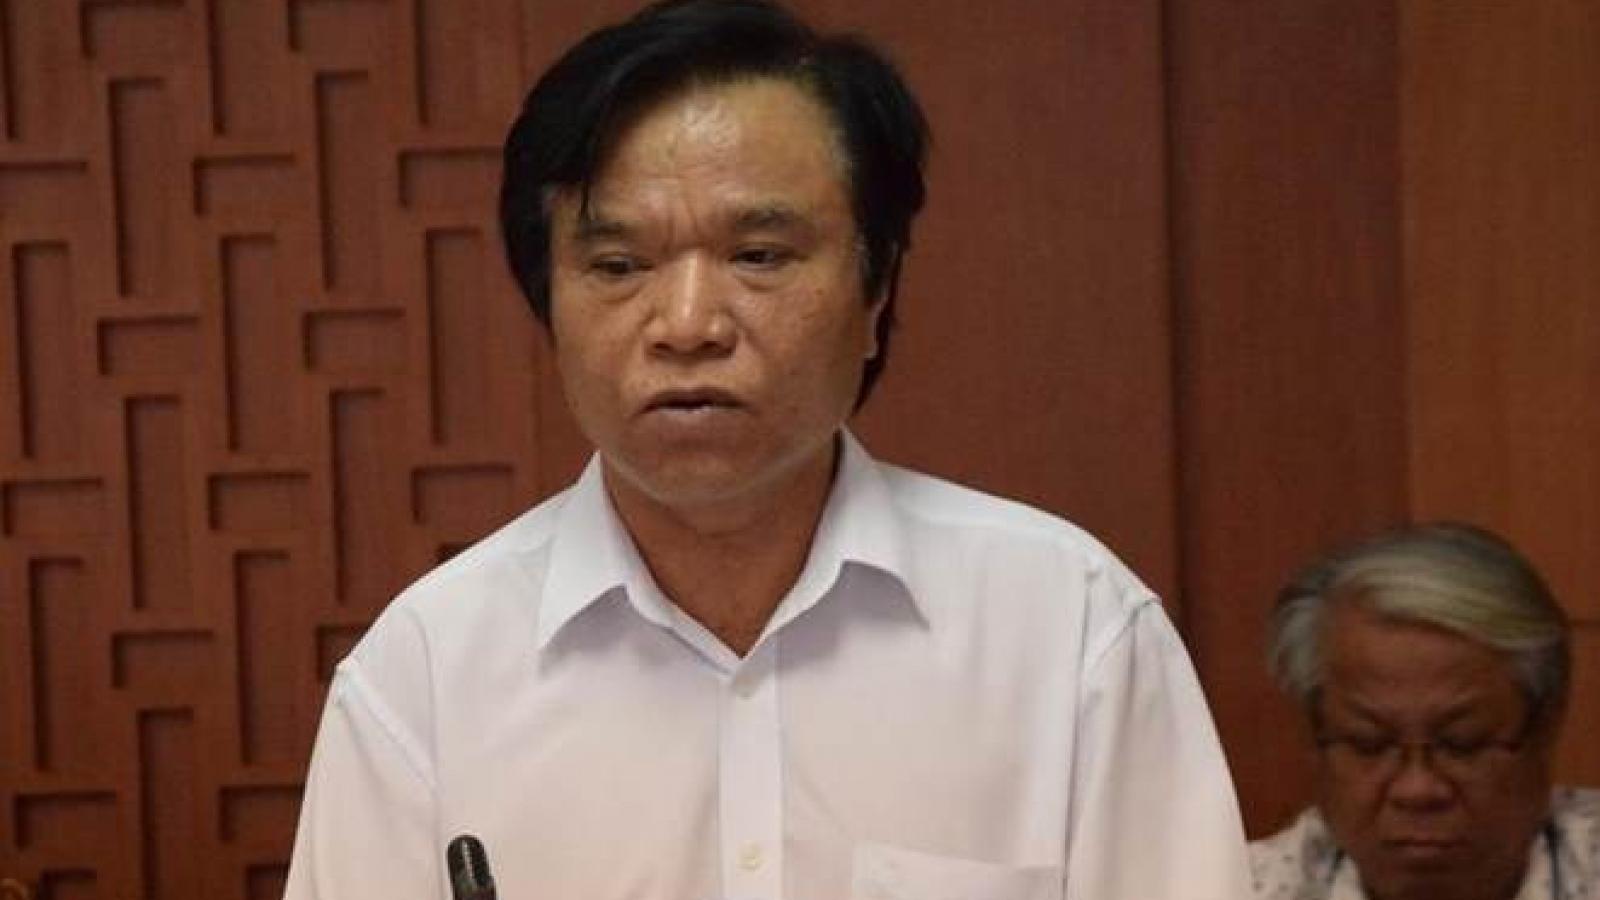 Giám đốc Sở Tài chính Quảng Nam xin nghỉ việc trước tuổi